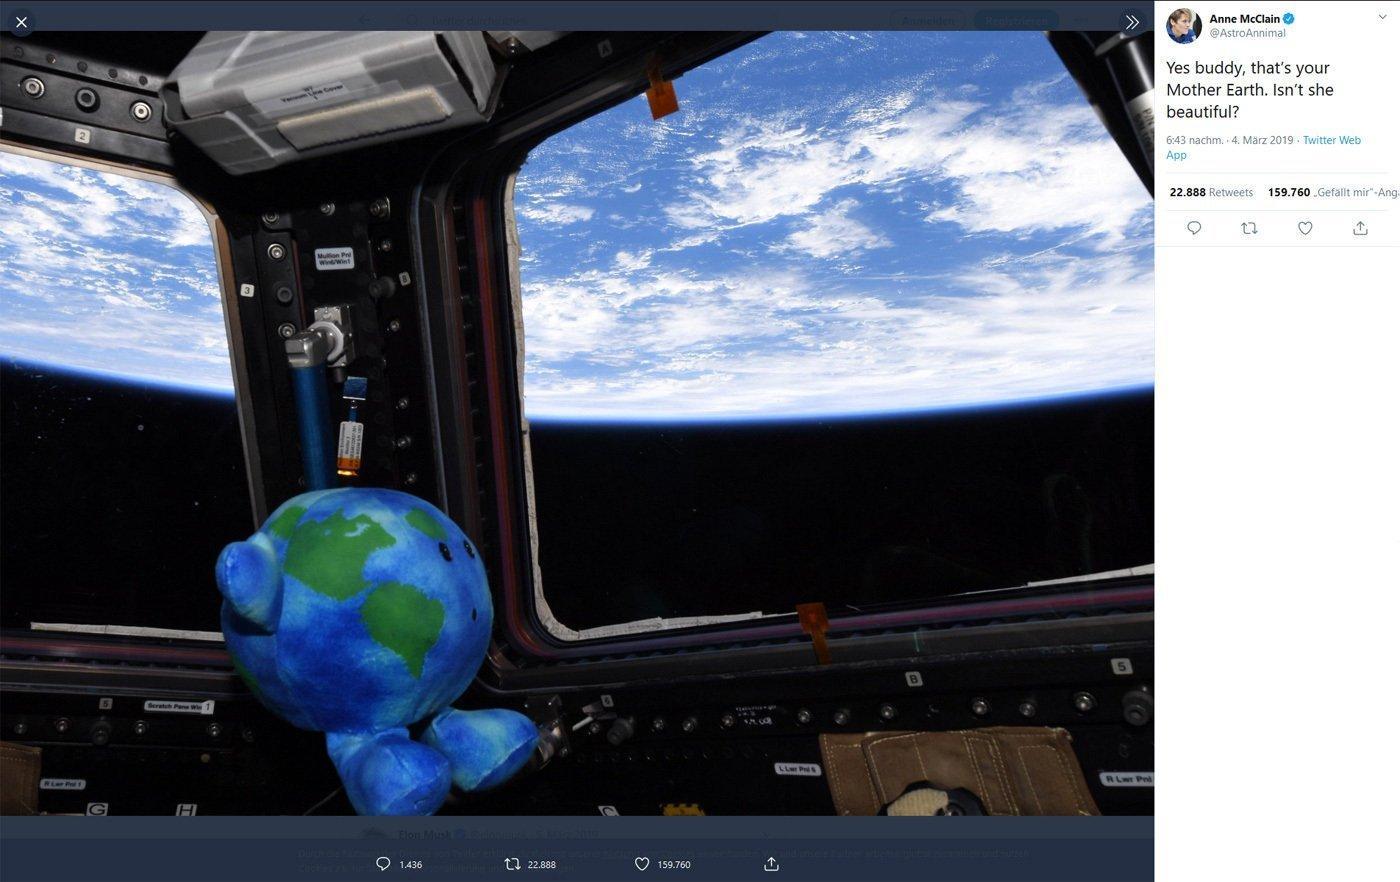 Anne McClain lässt ihren Talisman aus der ISS auf die Erde schauen: Ja Kumpel, das ist deine Mutter Erde. Ist sie nicht schön?